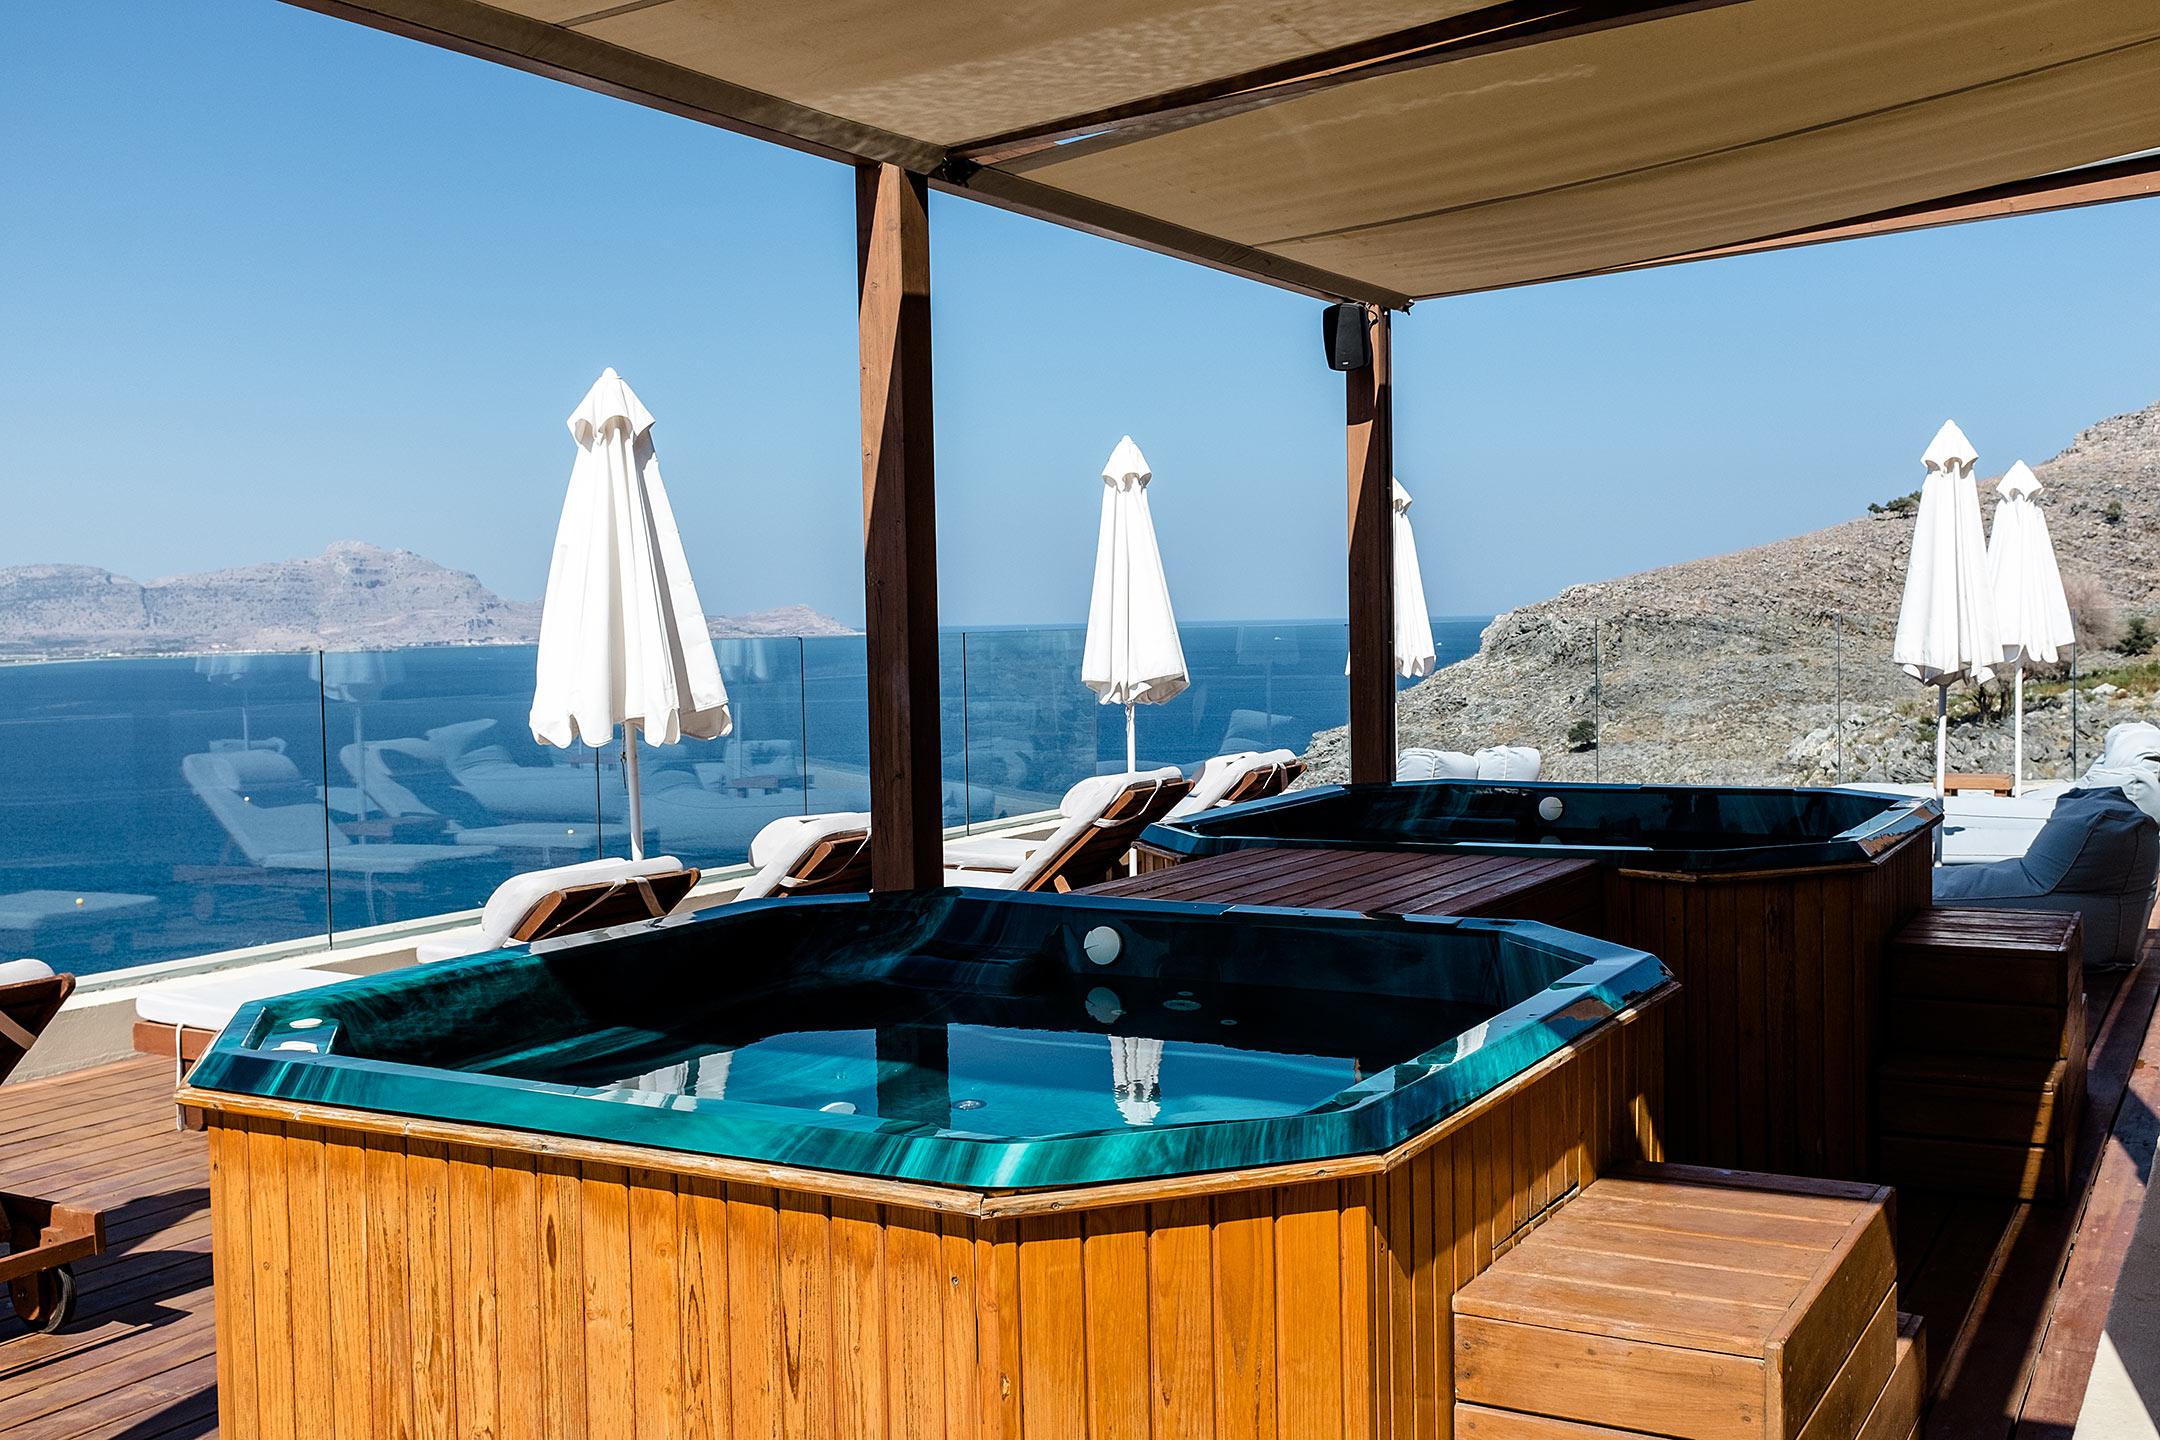 Lindos Blu Luxury Hotel Rhodos Jacuzzi Travel Blog Sunnyinga